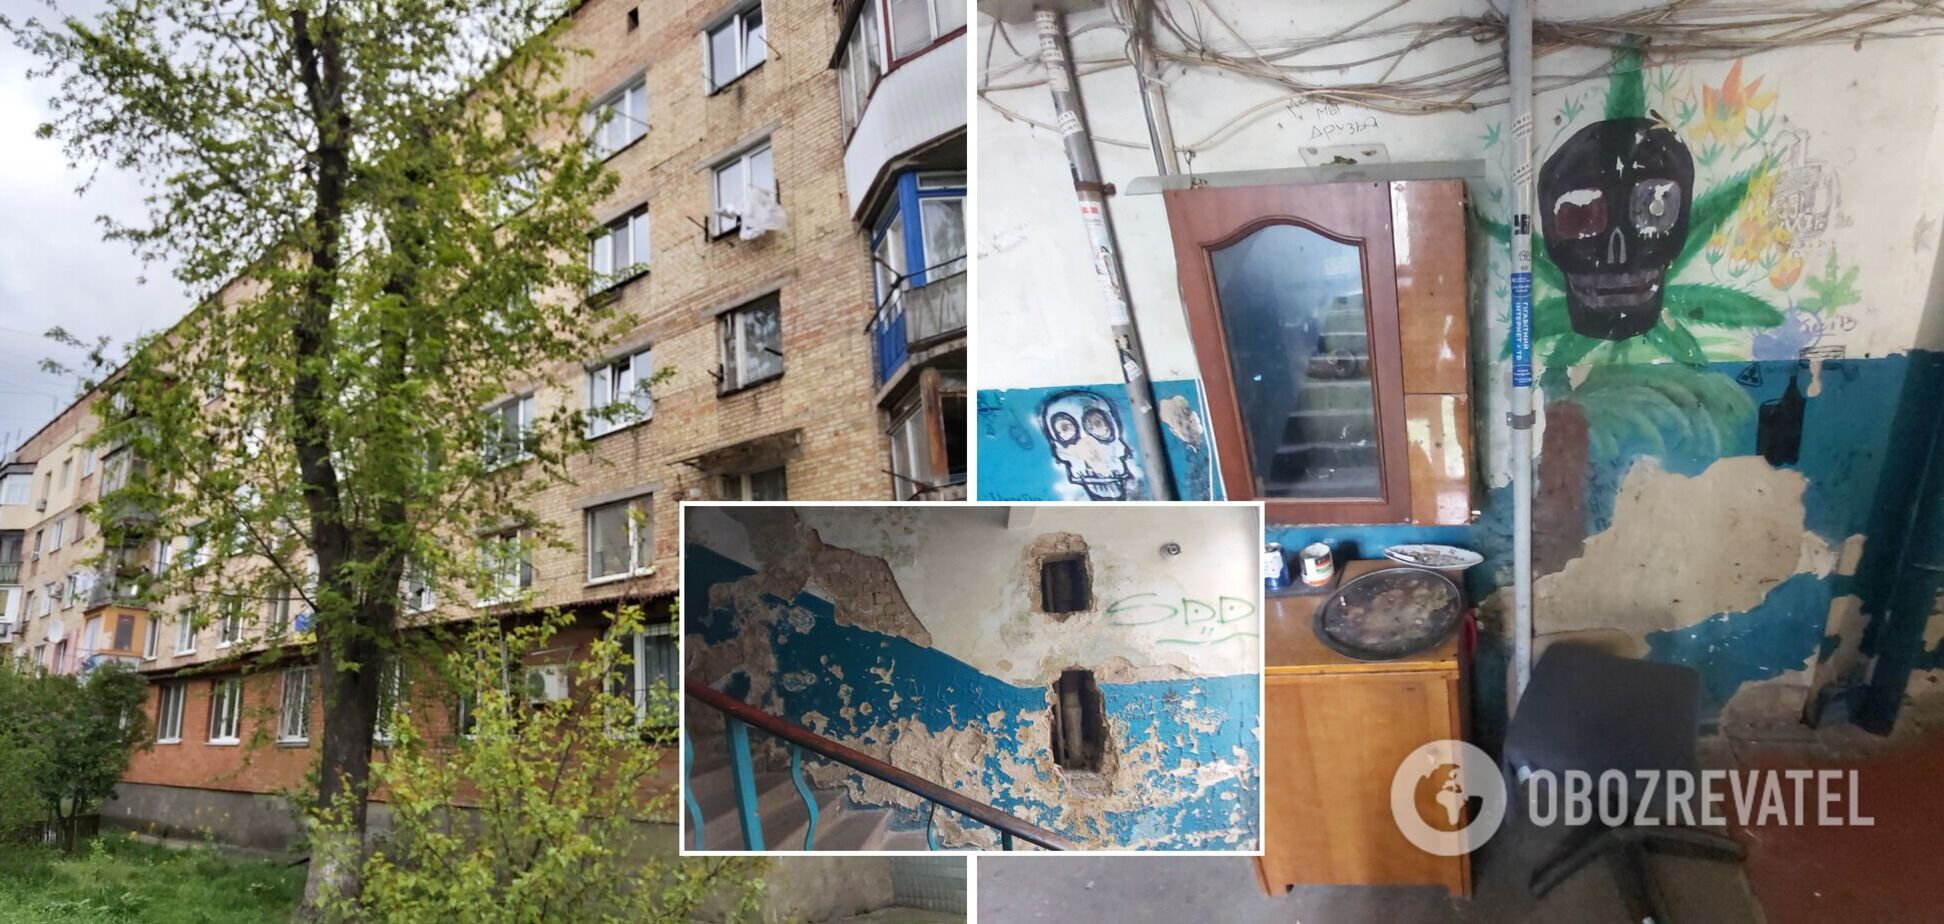 Пораженный грибком дом в Киеве 'убивает' своих жильцов: когда люди получат новые квартиры. Фото, видео